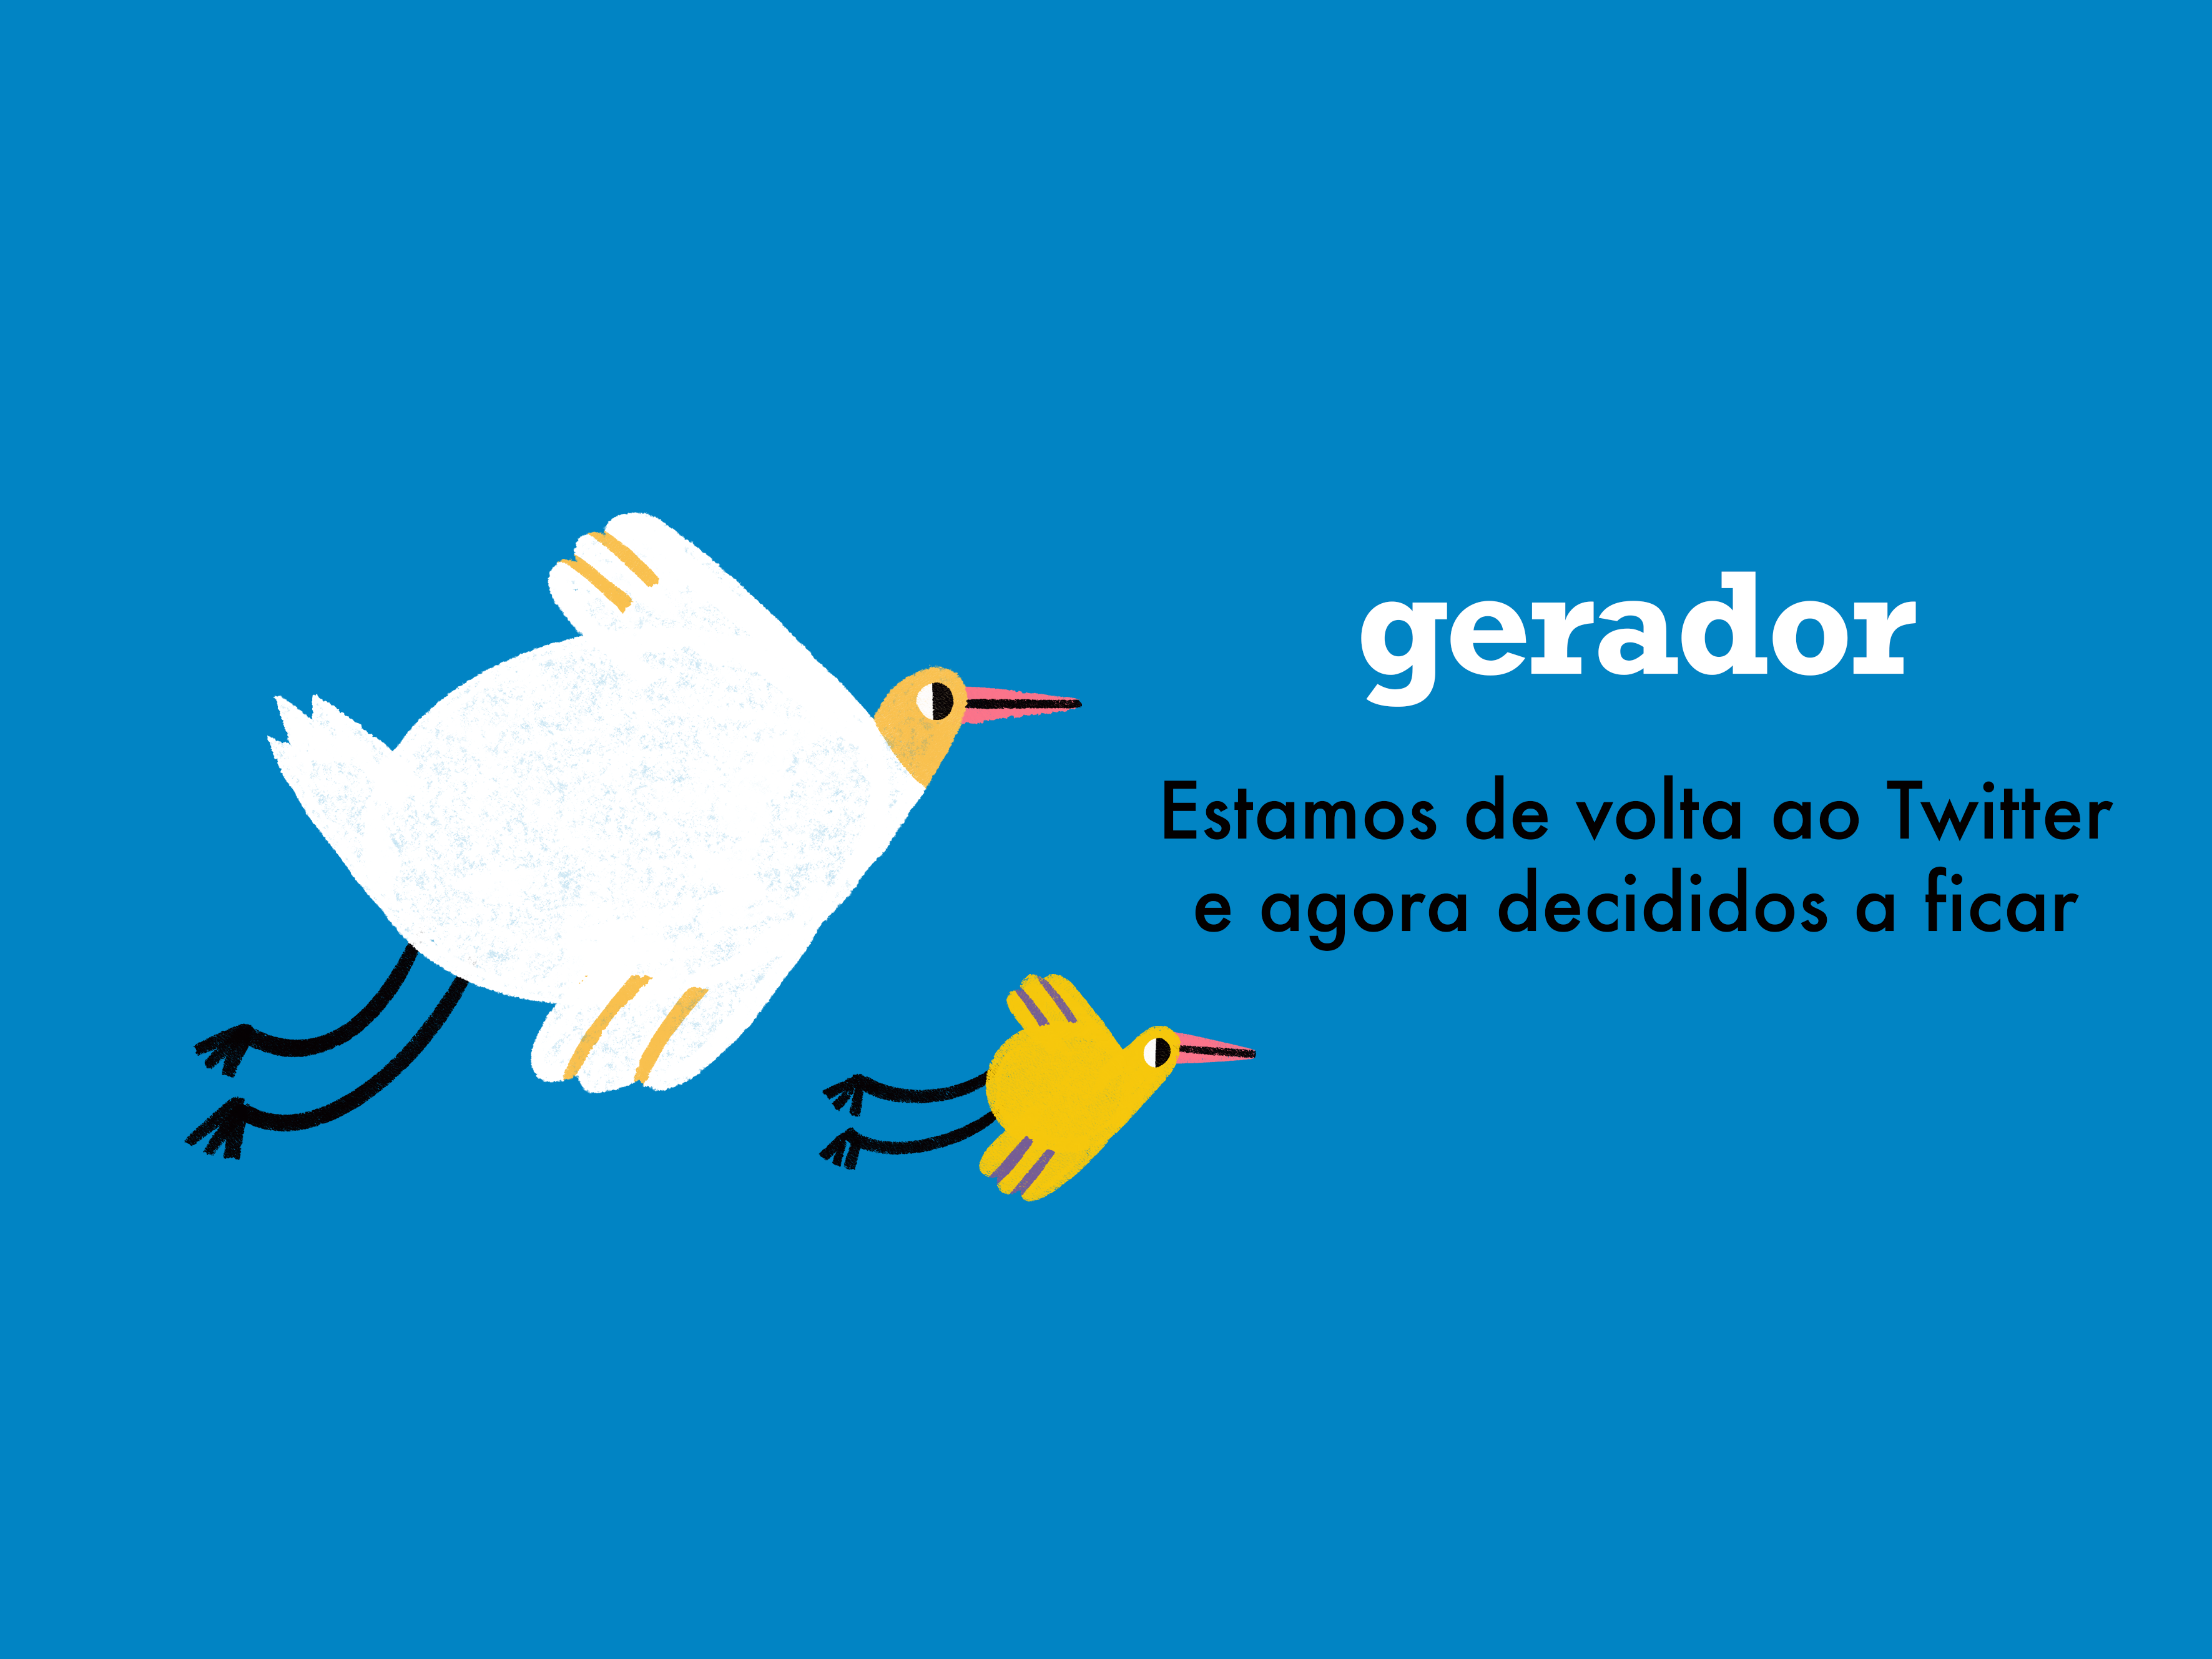 gerador_volta_ao_twitter